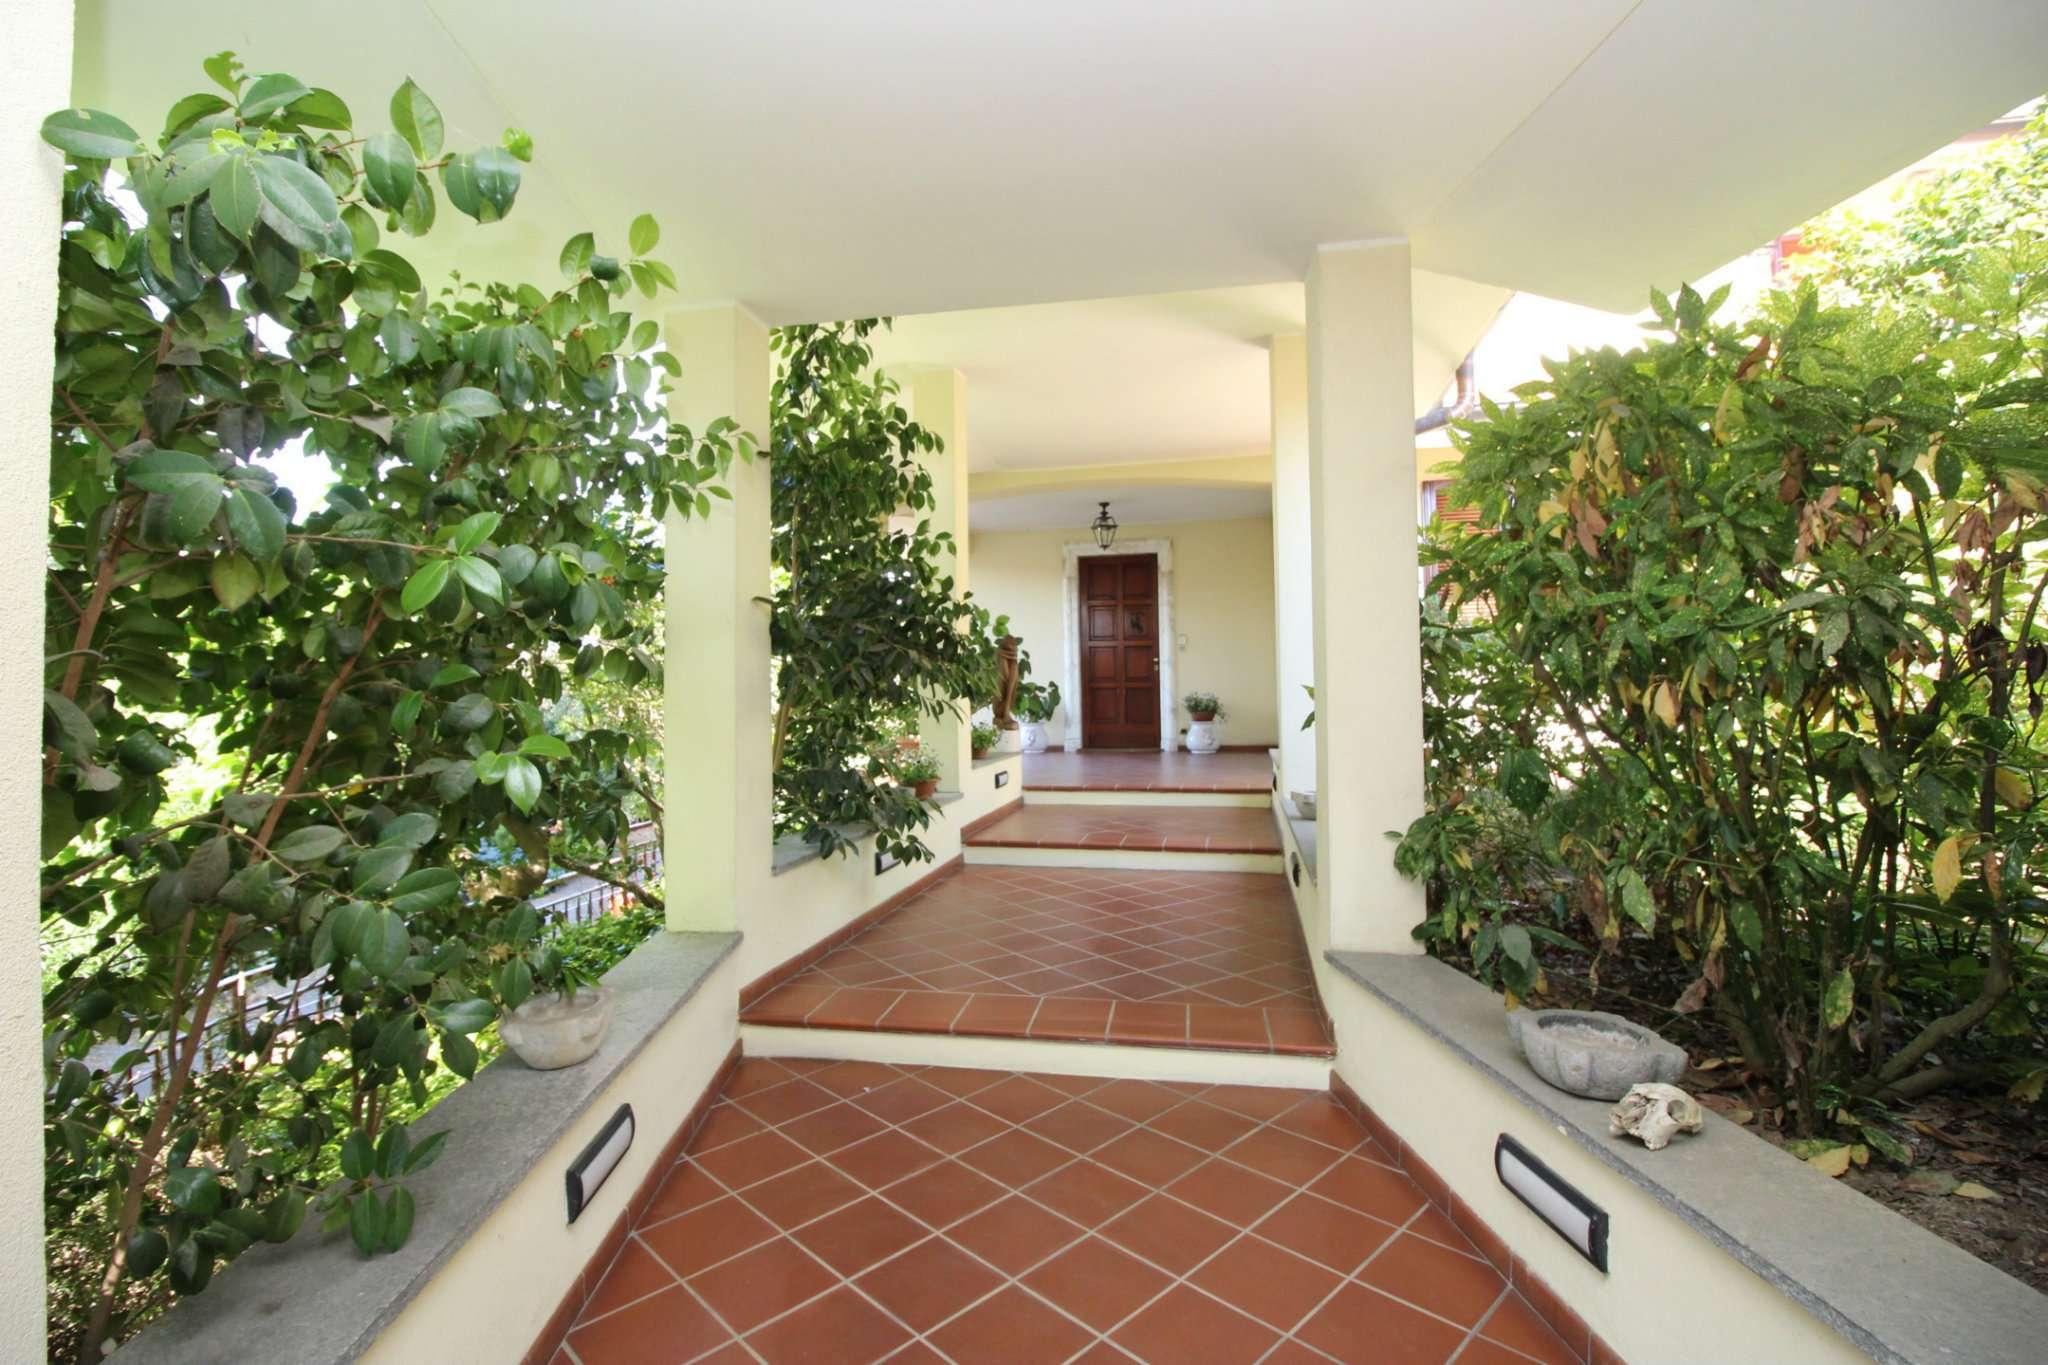 Villa in vendita a Caresanablot, 7 locali, prezzo € 640.000 | PortaleAgenzieImmobiliari.it